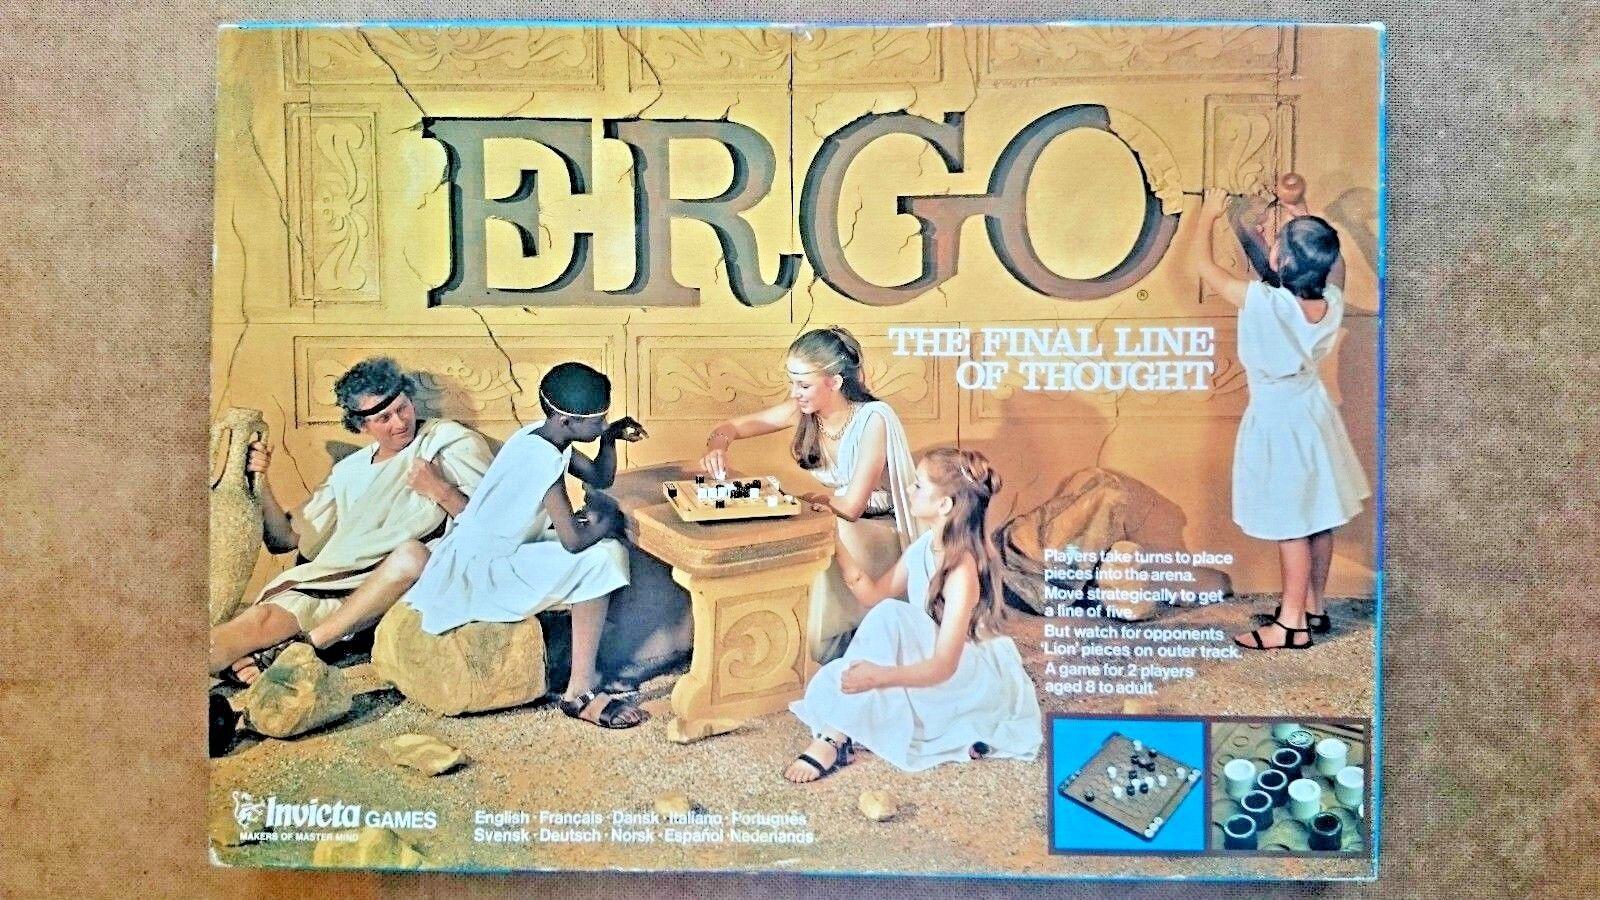 Ergo - spiel von invicta spiele 1977